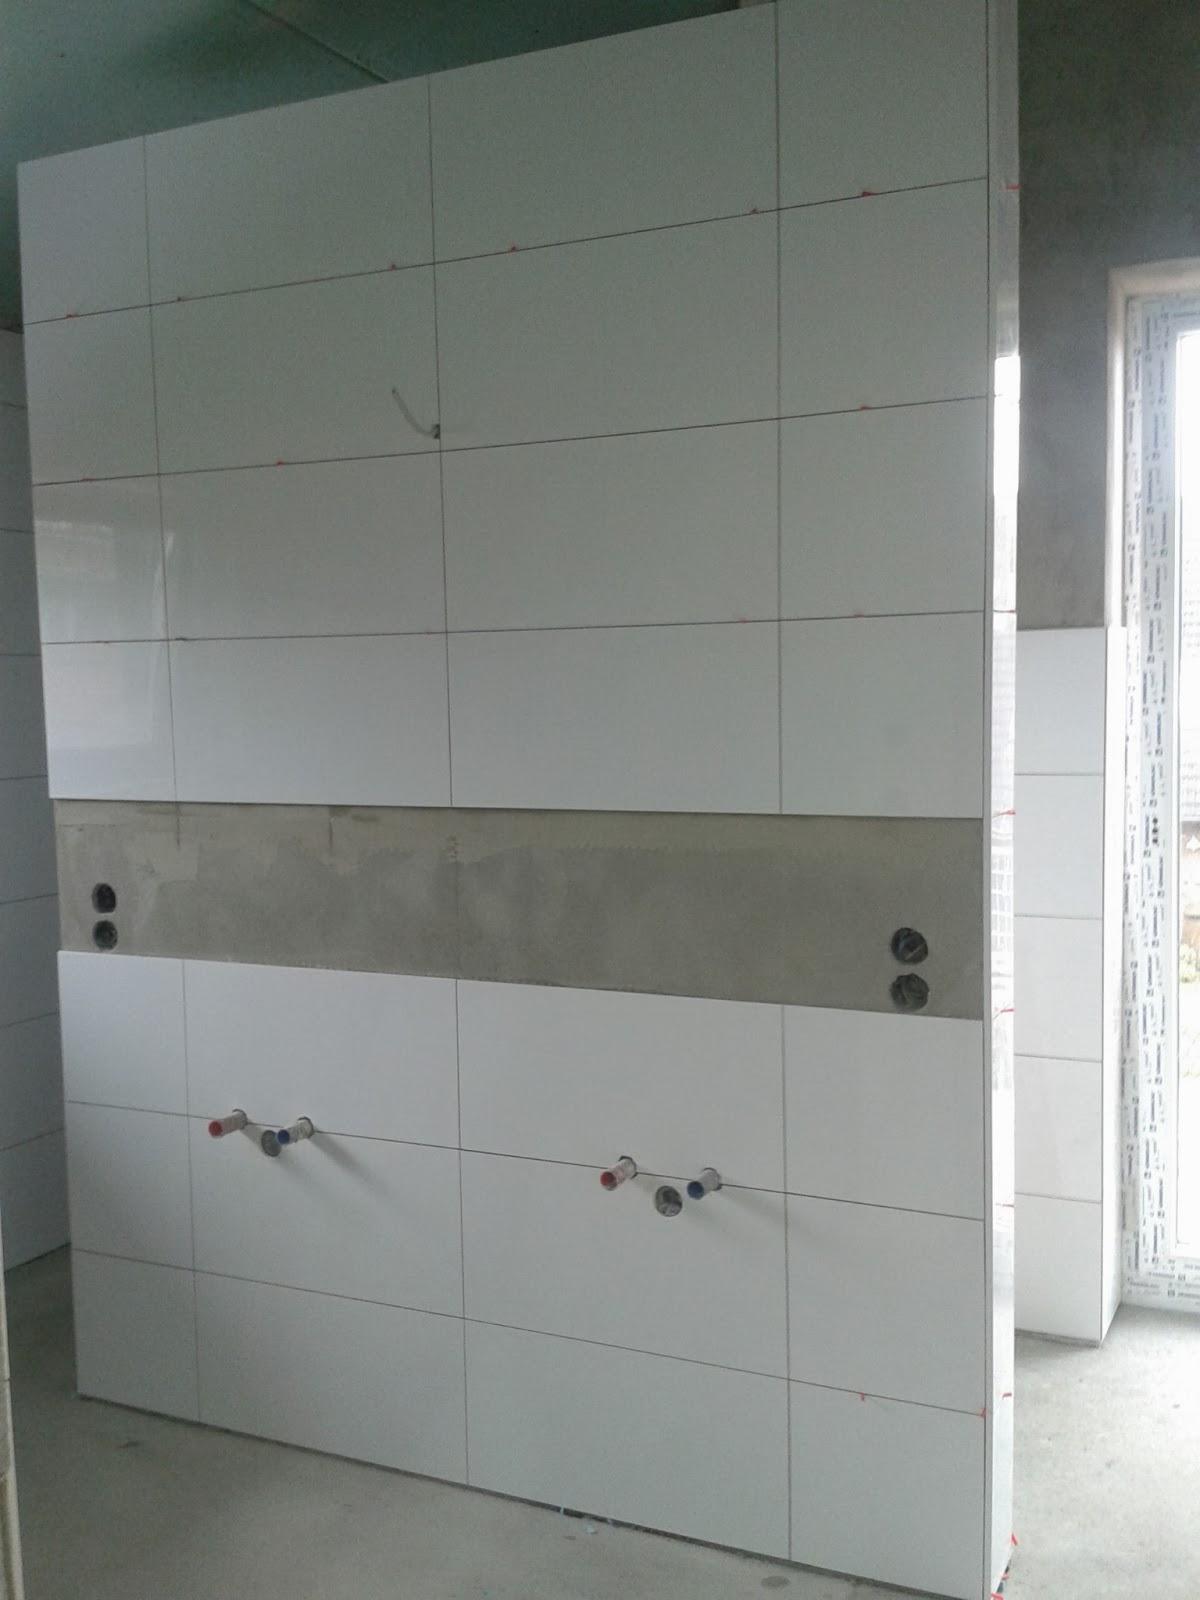 Unser Abenteuer - Hausbau 2013/2014: T-Wand im Badezimmer